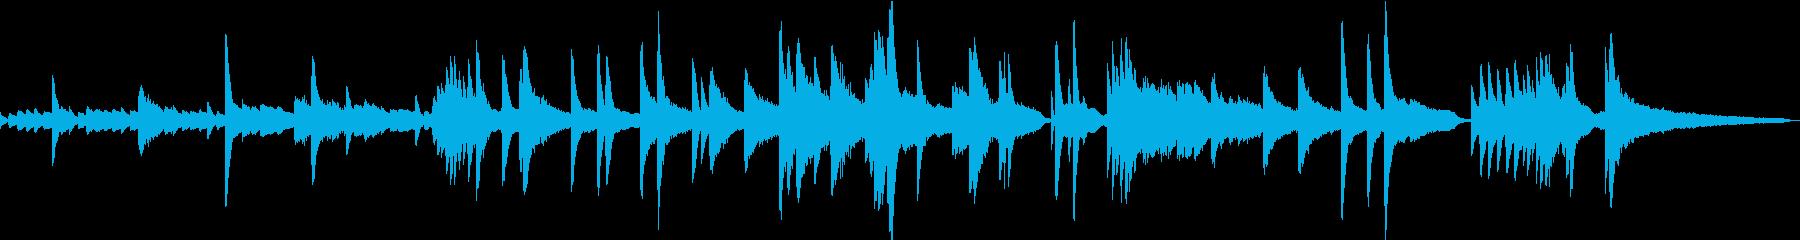 前衛的なピアノ曲。短いので印象付けに。の再生済みの波形